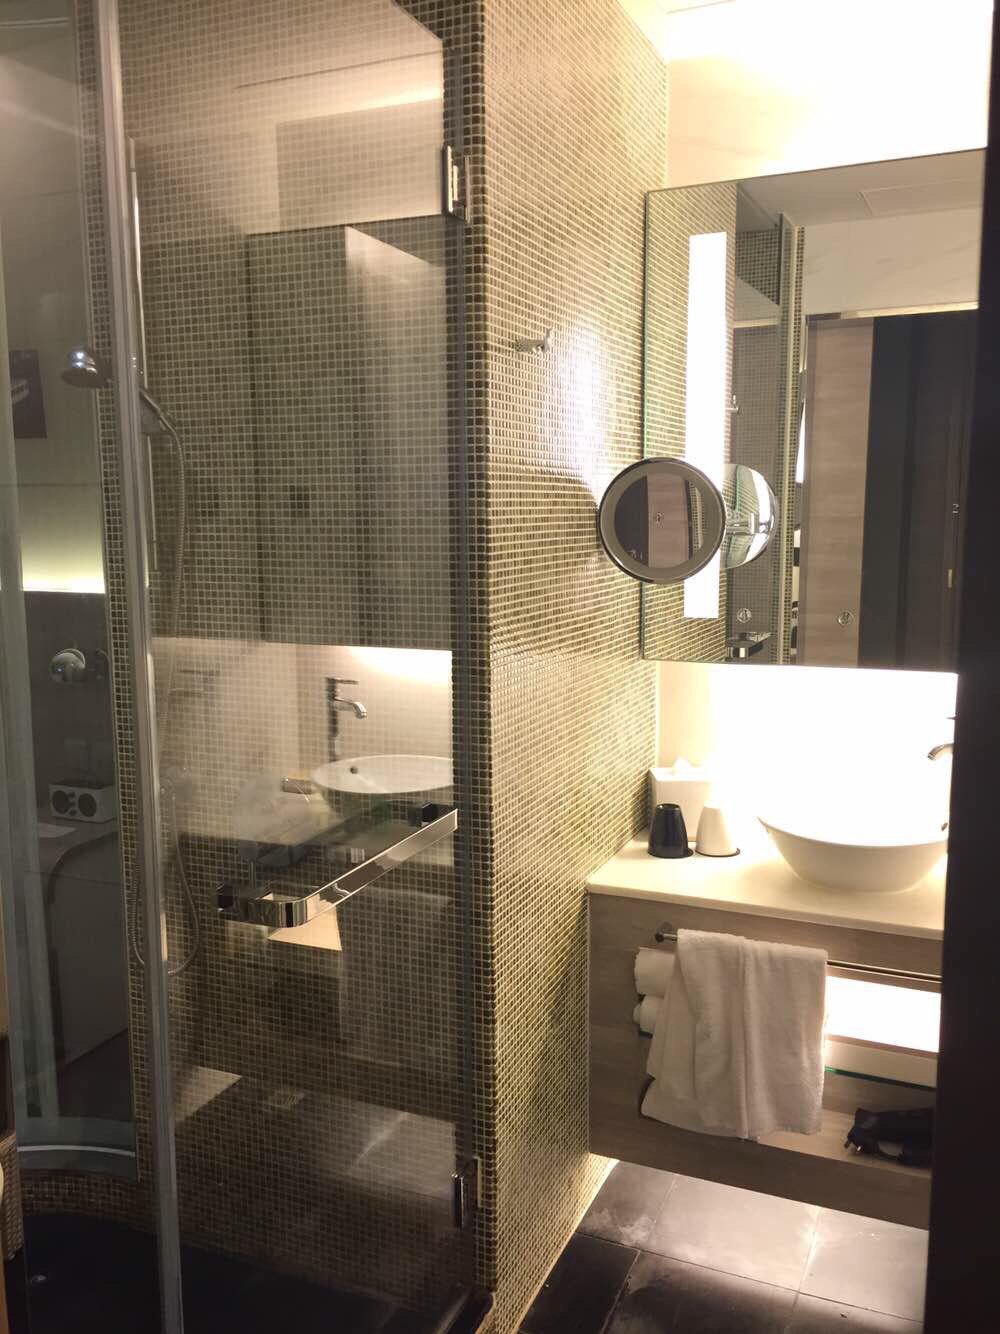 厕所 家居 设计 卫生间 卫生间装修 装修 1000_1334 竖版 竖屏图片